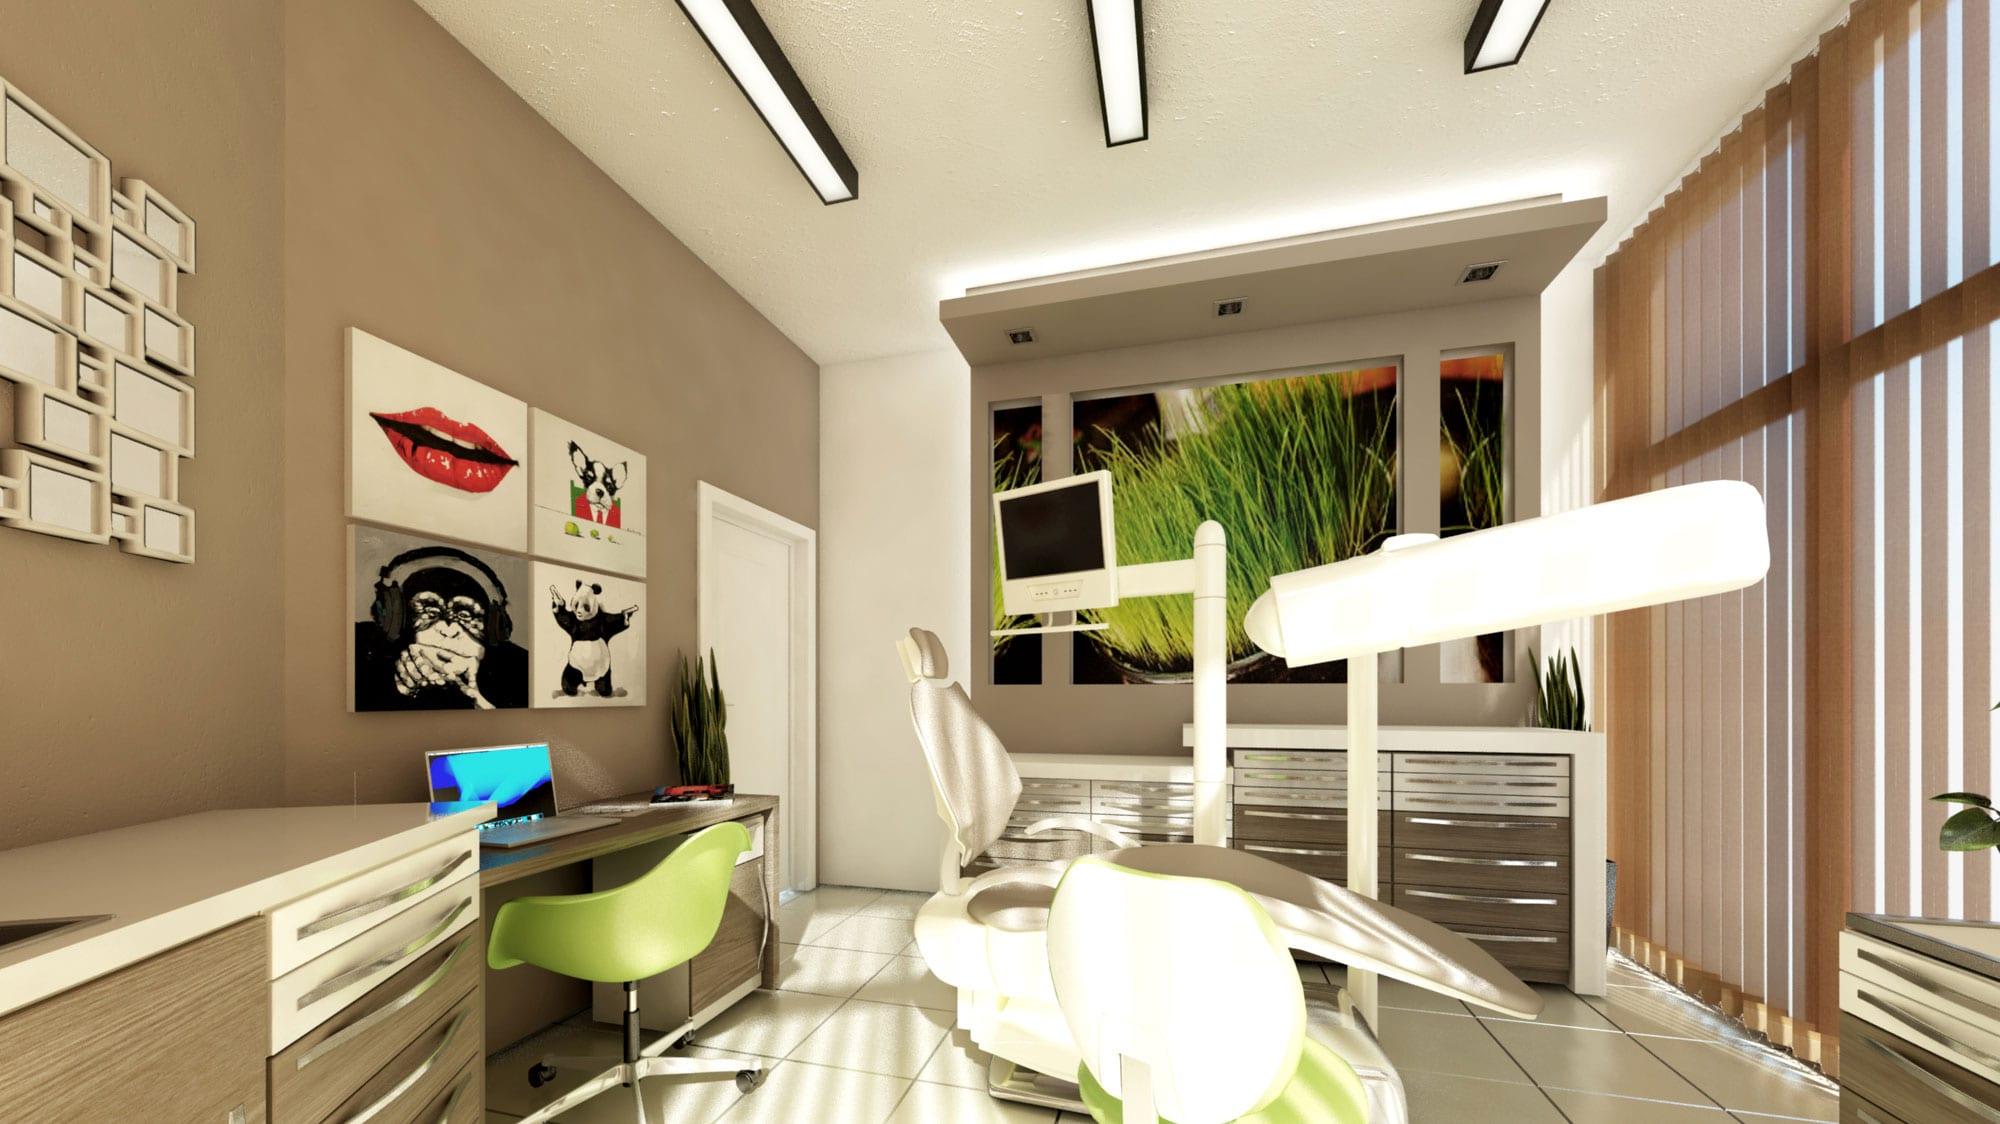 dental office interior design. Dentist Office Interior Design Dental L